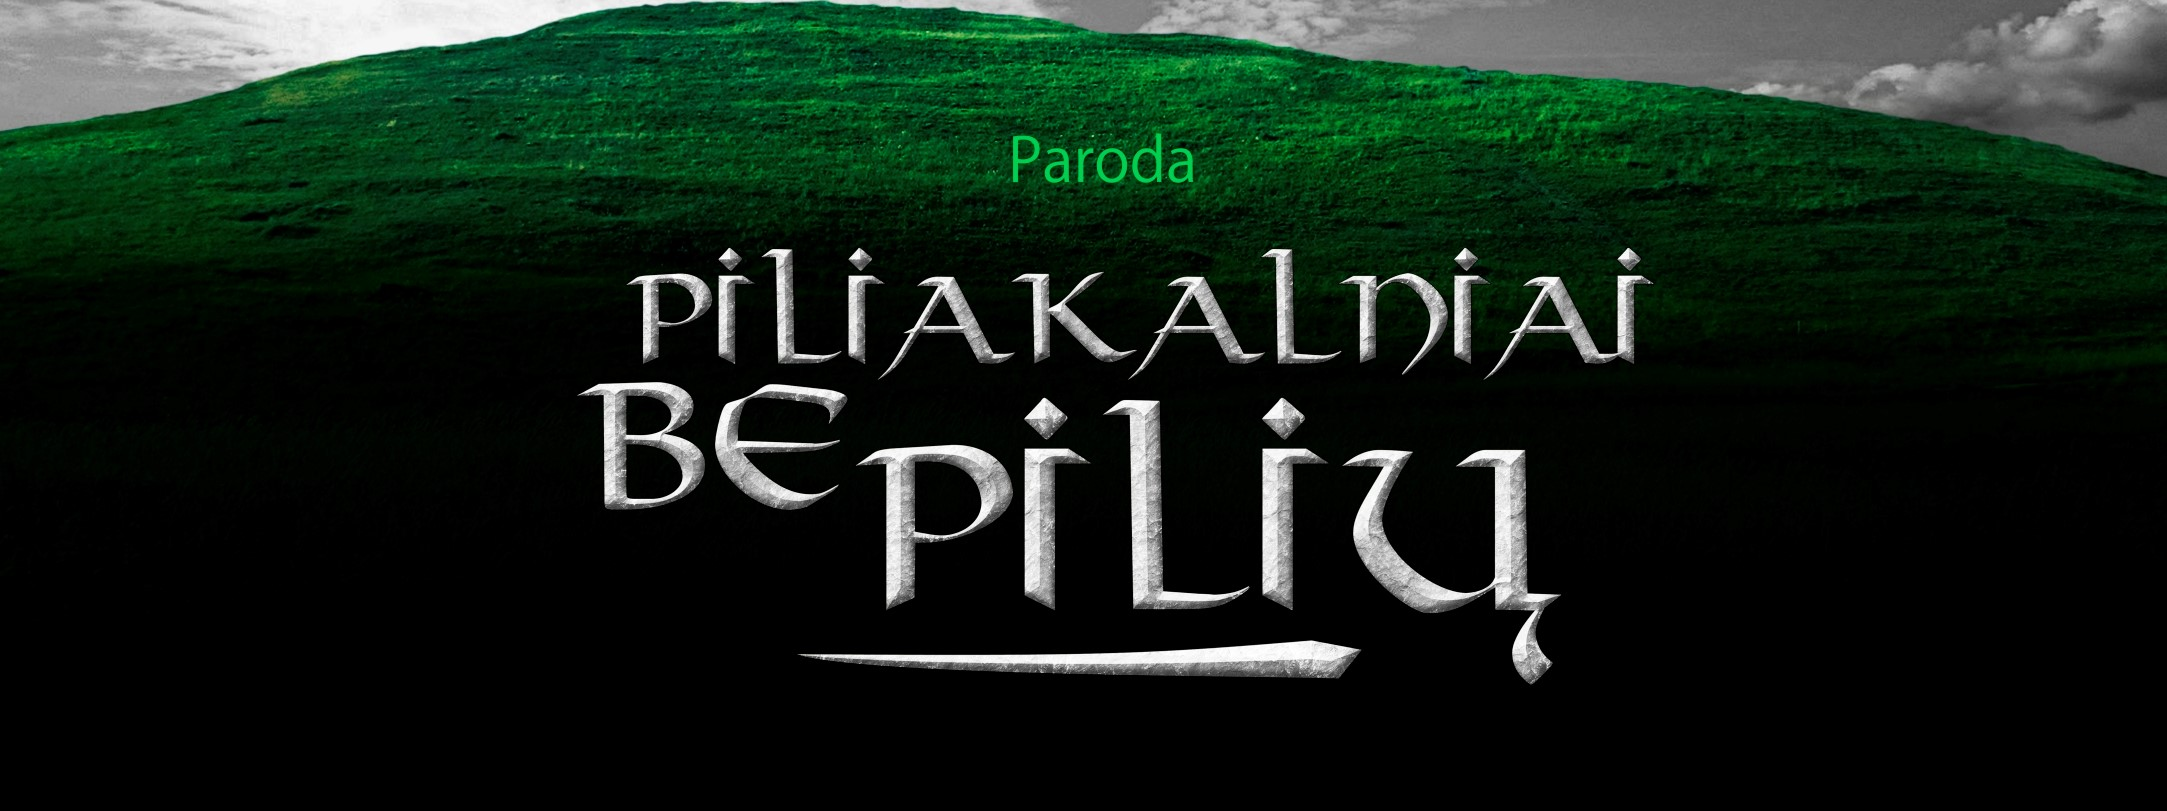 http://laisvadiena.lt/upload/101_Paroda-Piliakalniai-be-piliu-.jpg